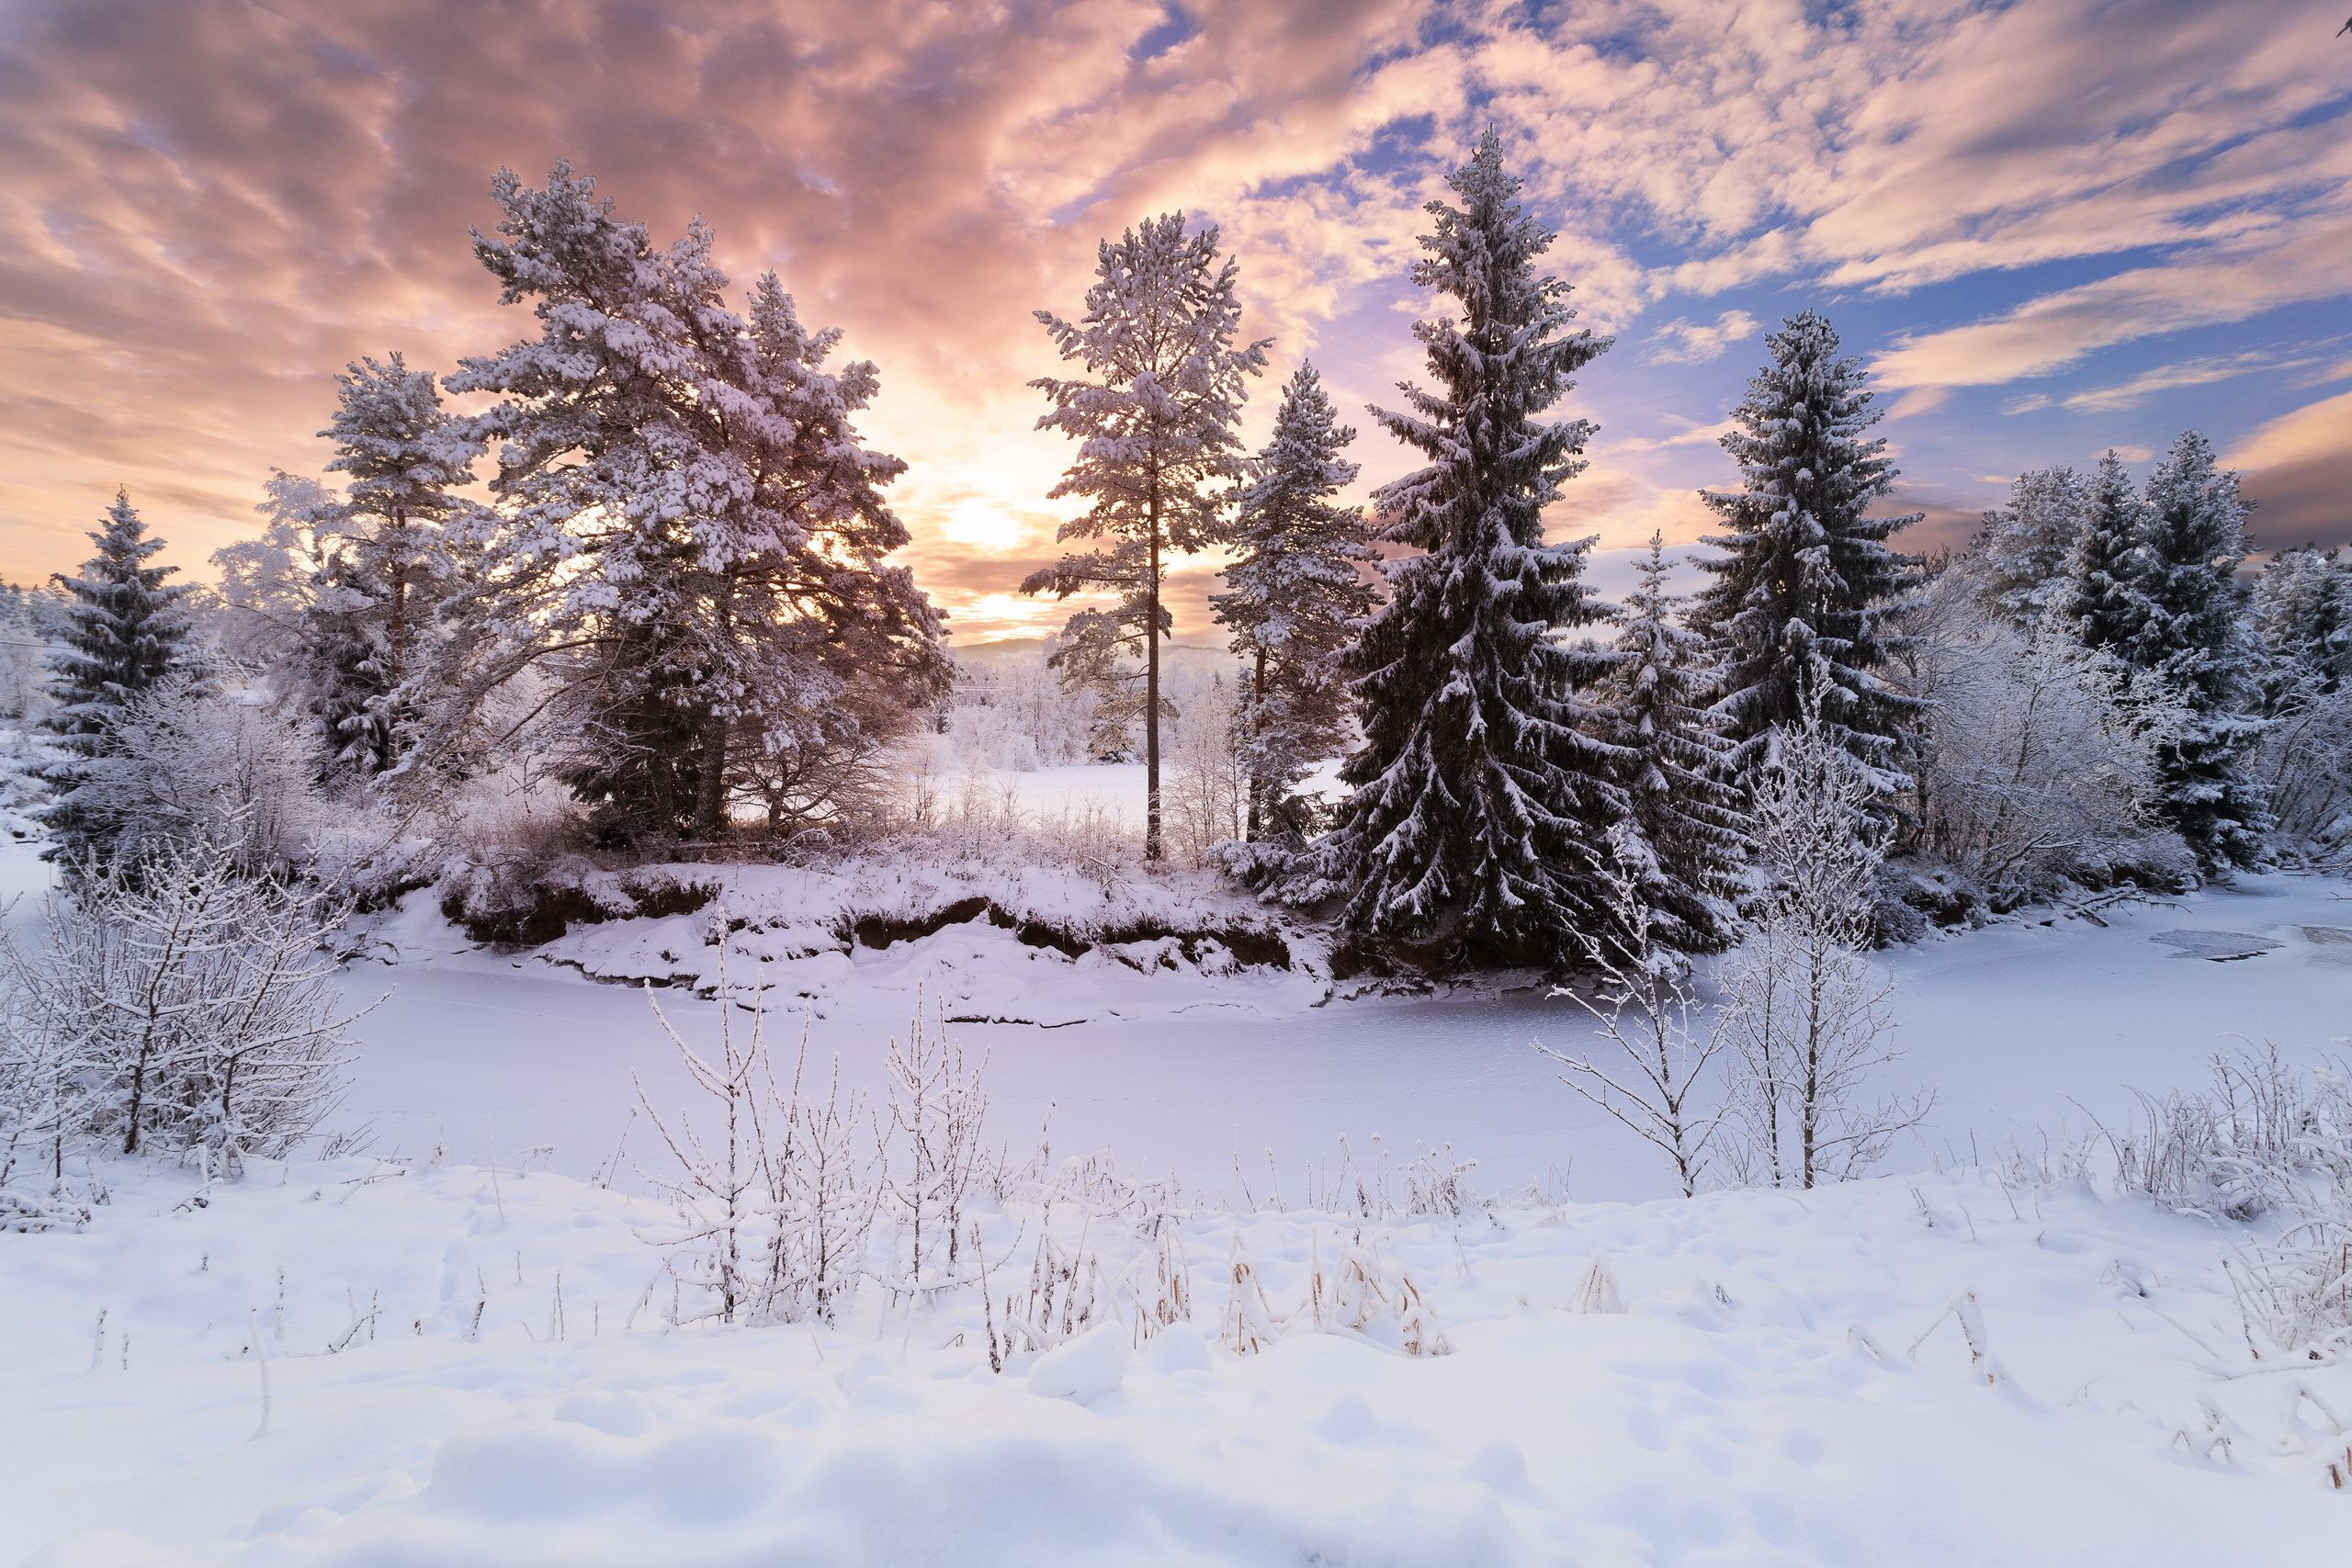 Красивый зимний пейзаж картинки в лесу, поздравление днем учителя